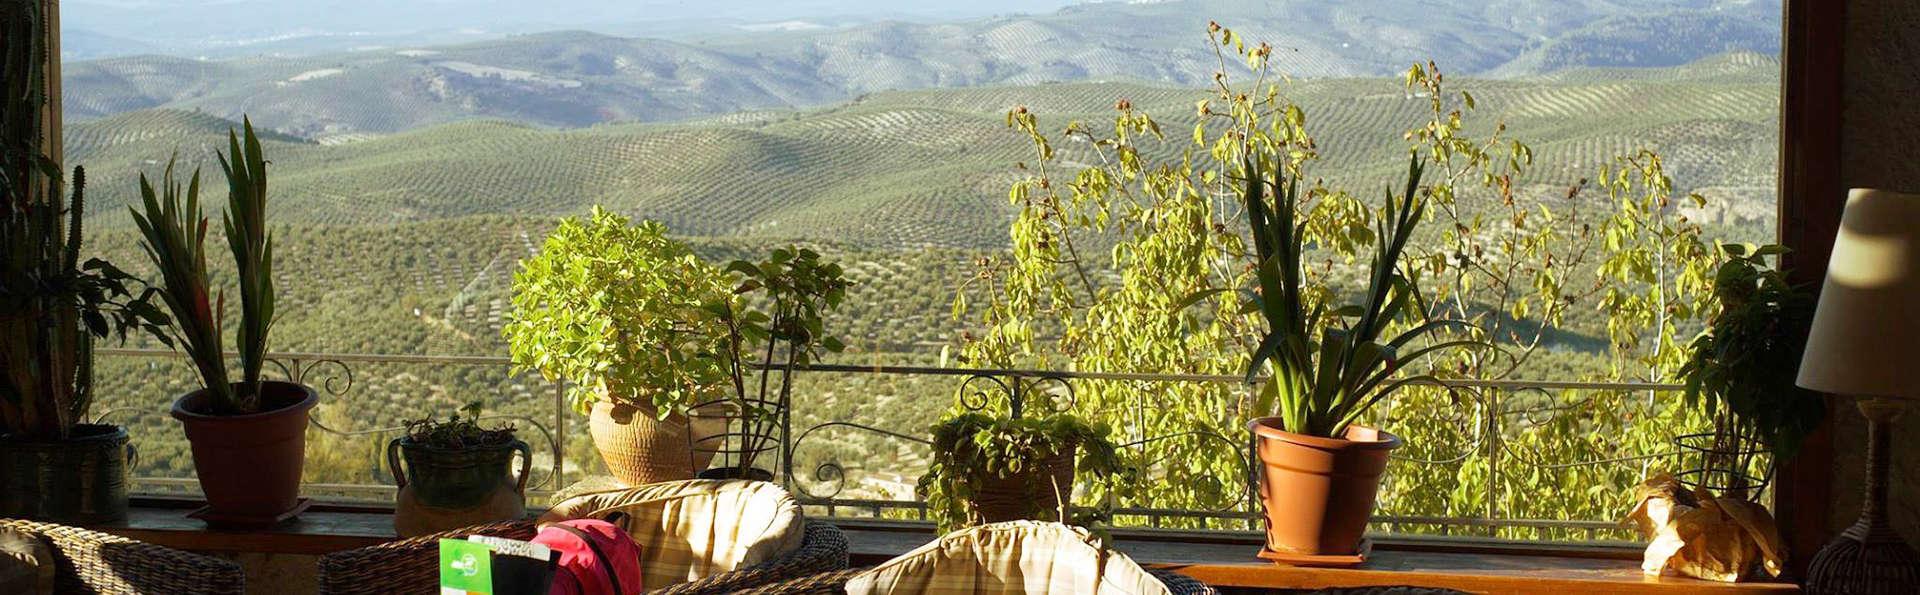 Escapada con cena y descuento spa en Sierra de Cazorla